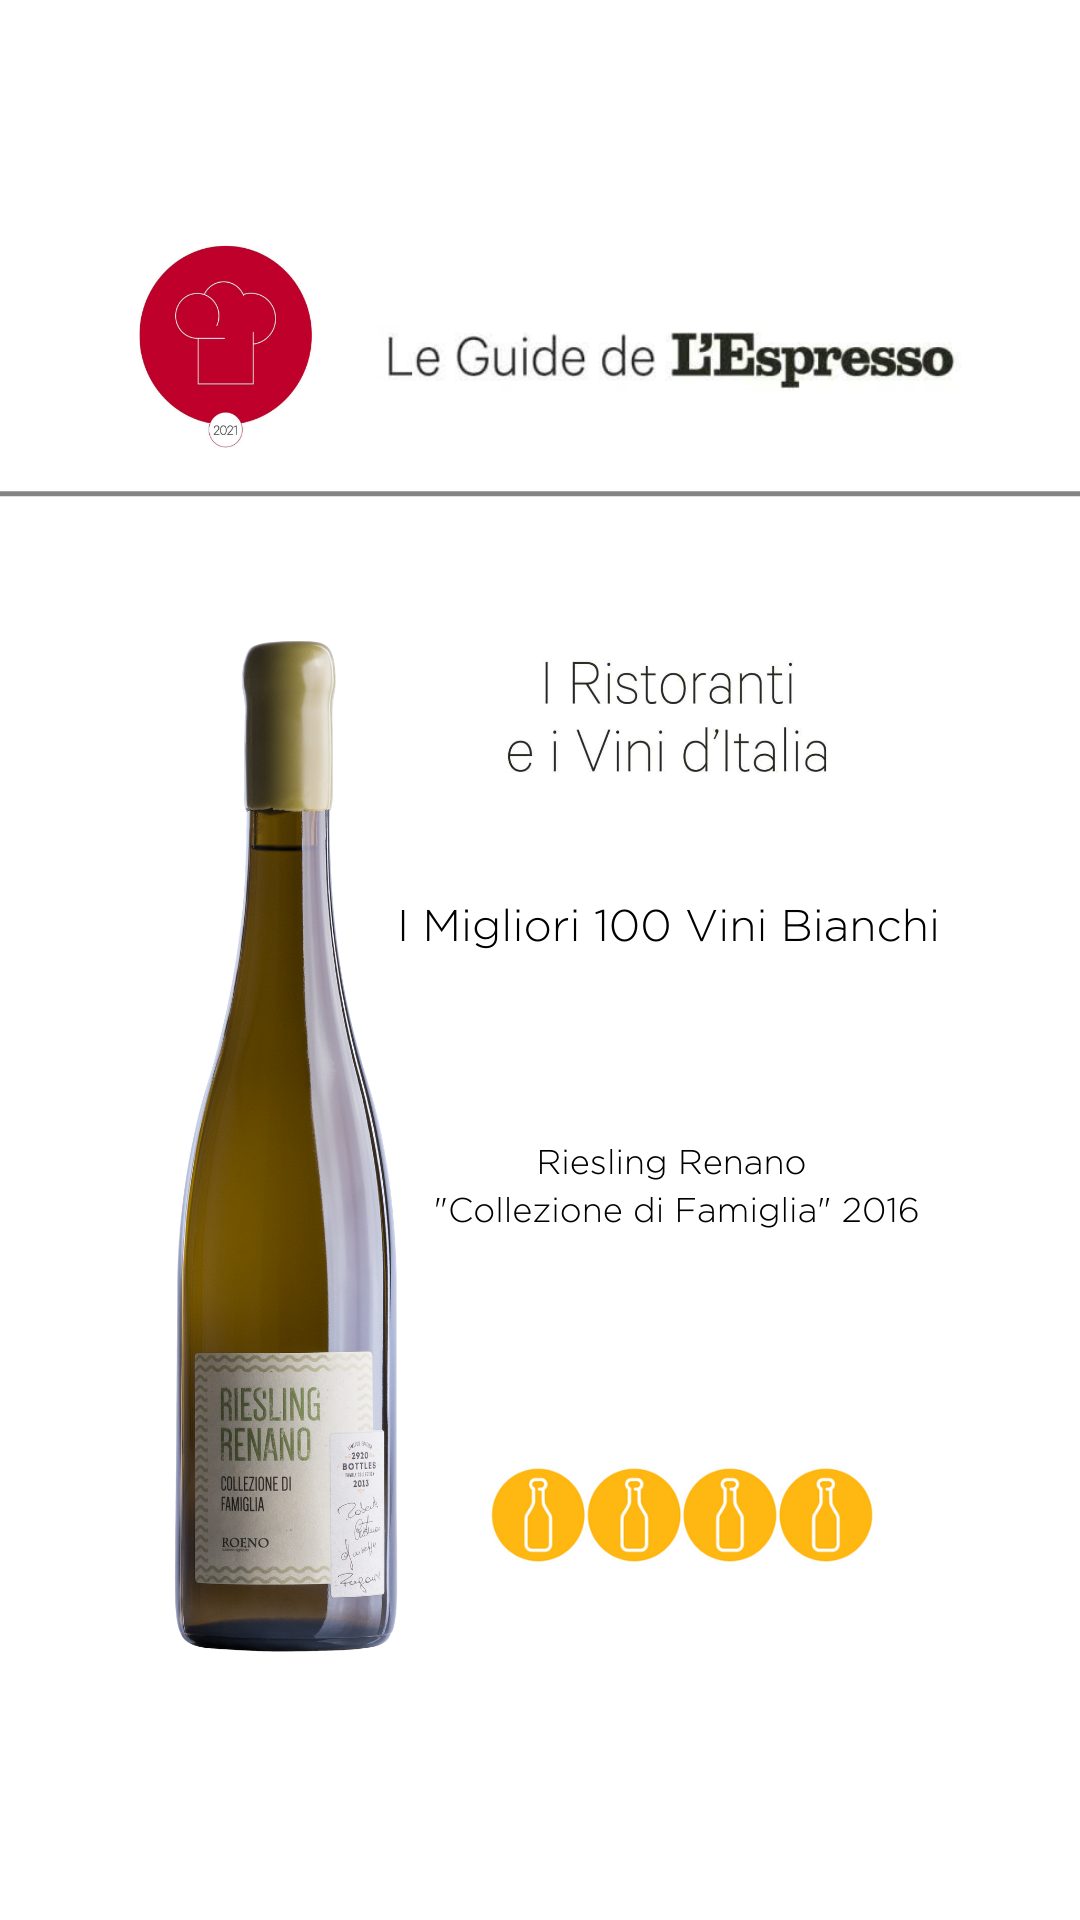 """Riesling Renano """"Collezione di Famiglia"""" 2016 – Selezionato da Le Guide de l'Espresso"""